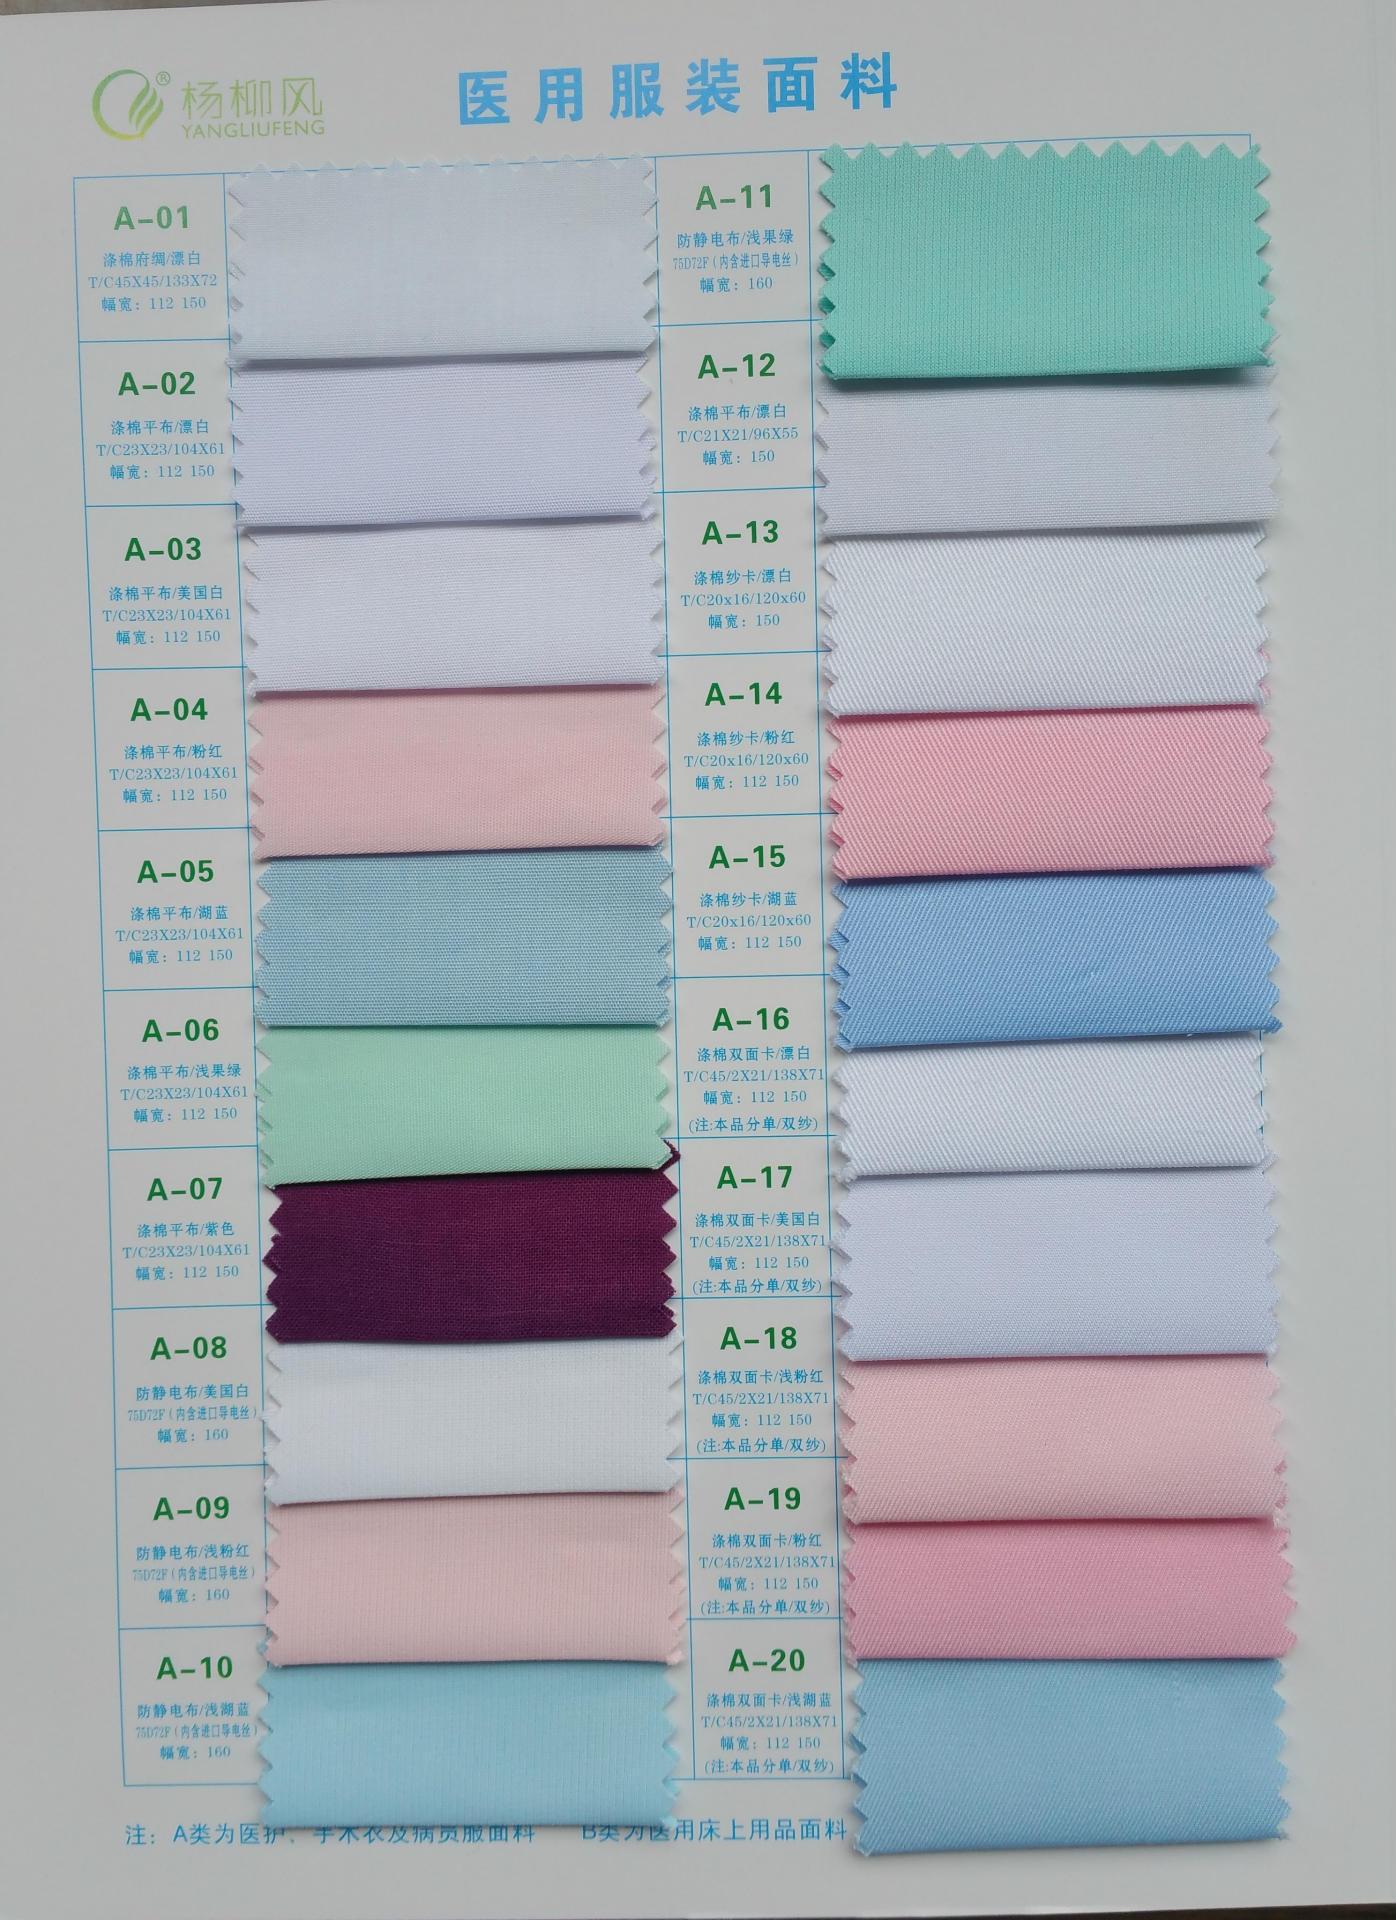 Cung cấp vải y tế tẩy trắng kháng clo, vải quần áo y tế, thẻ sợi bông, sợi crepe, polyester phẳng, t